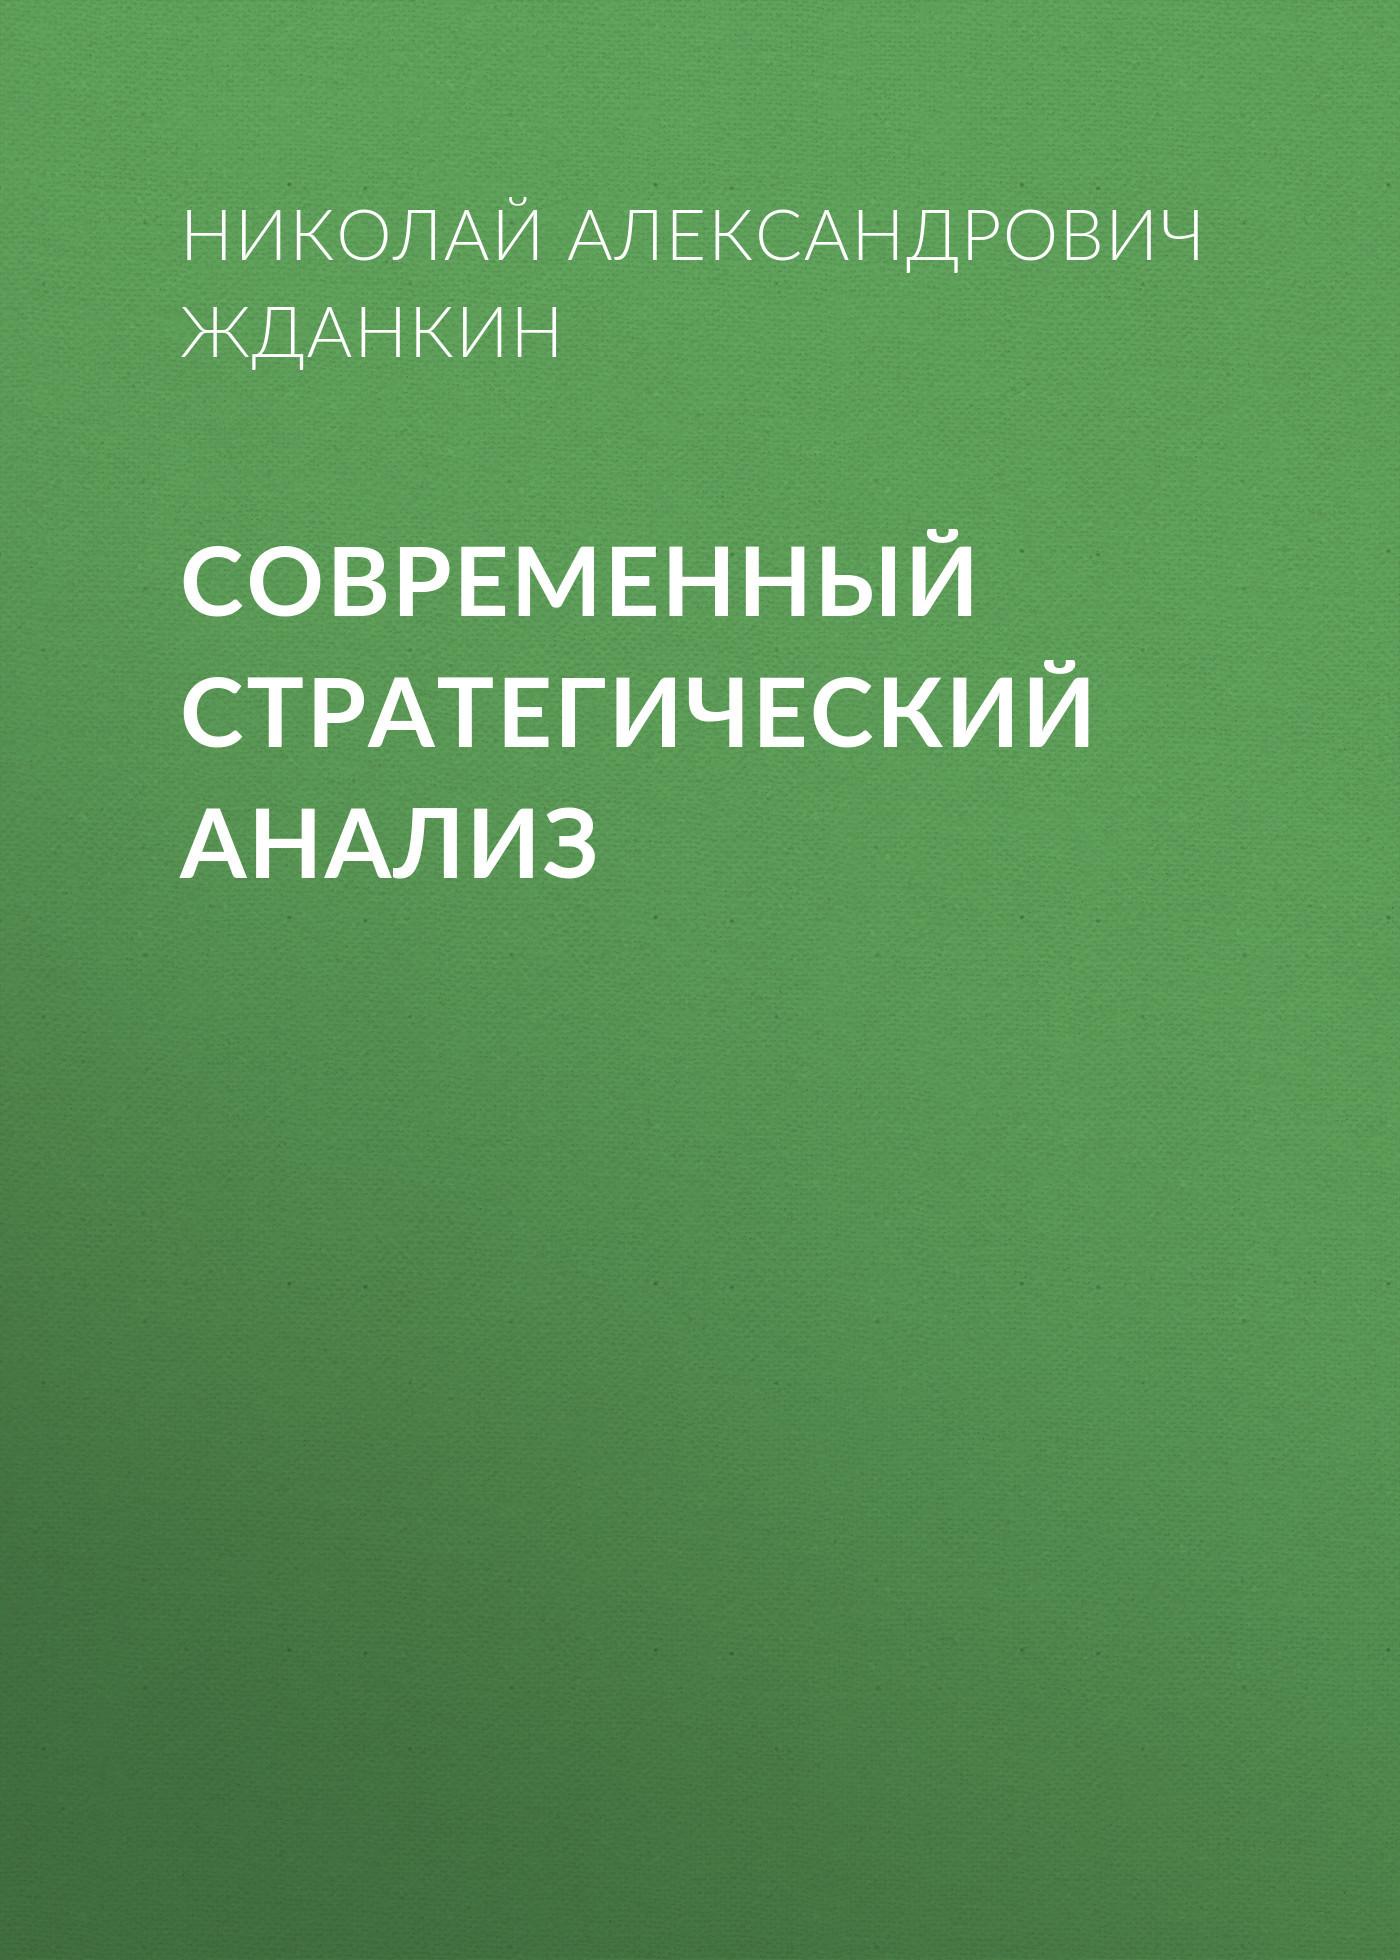 Николай Александрович Жданкин. Современный стратегический анализ